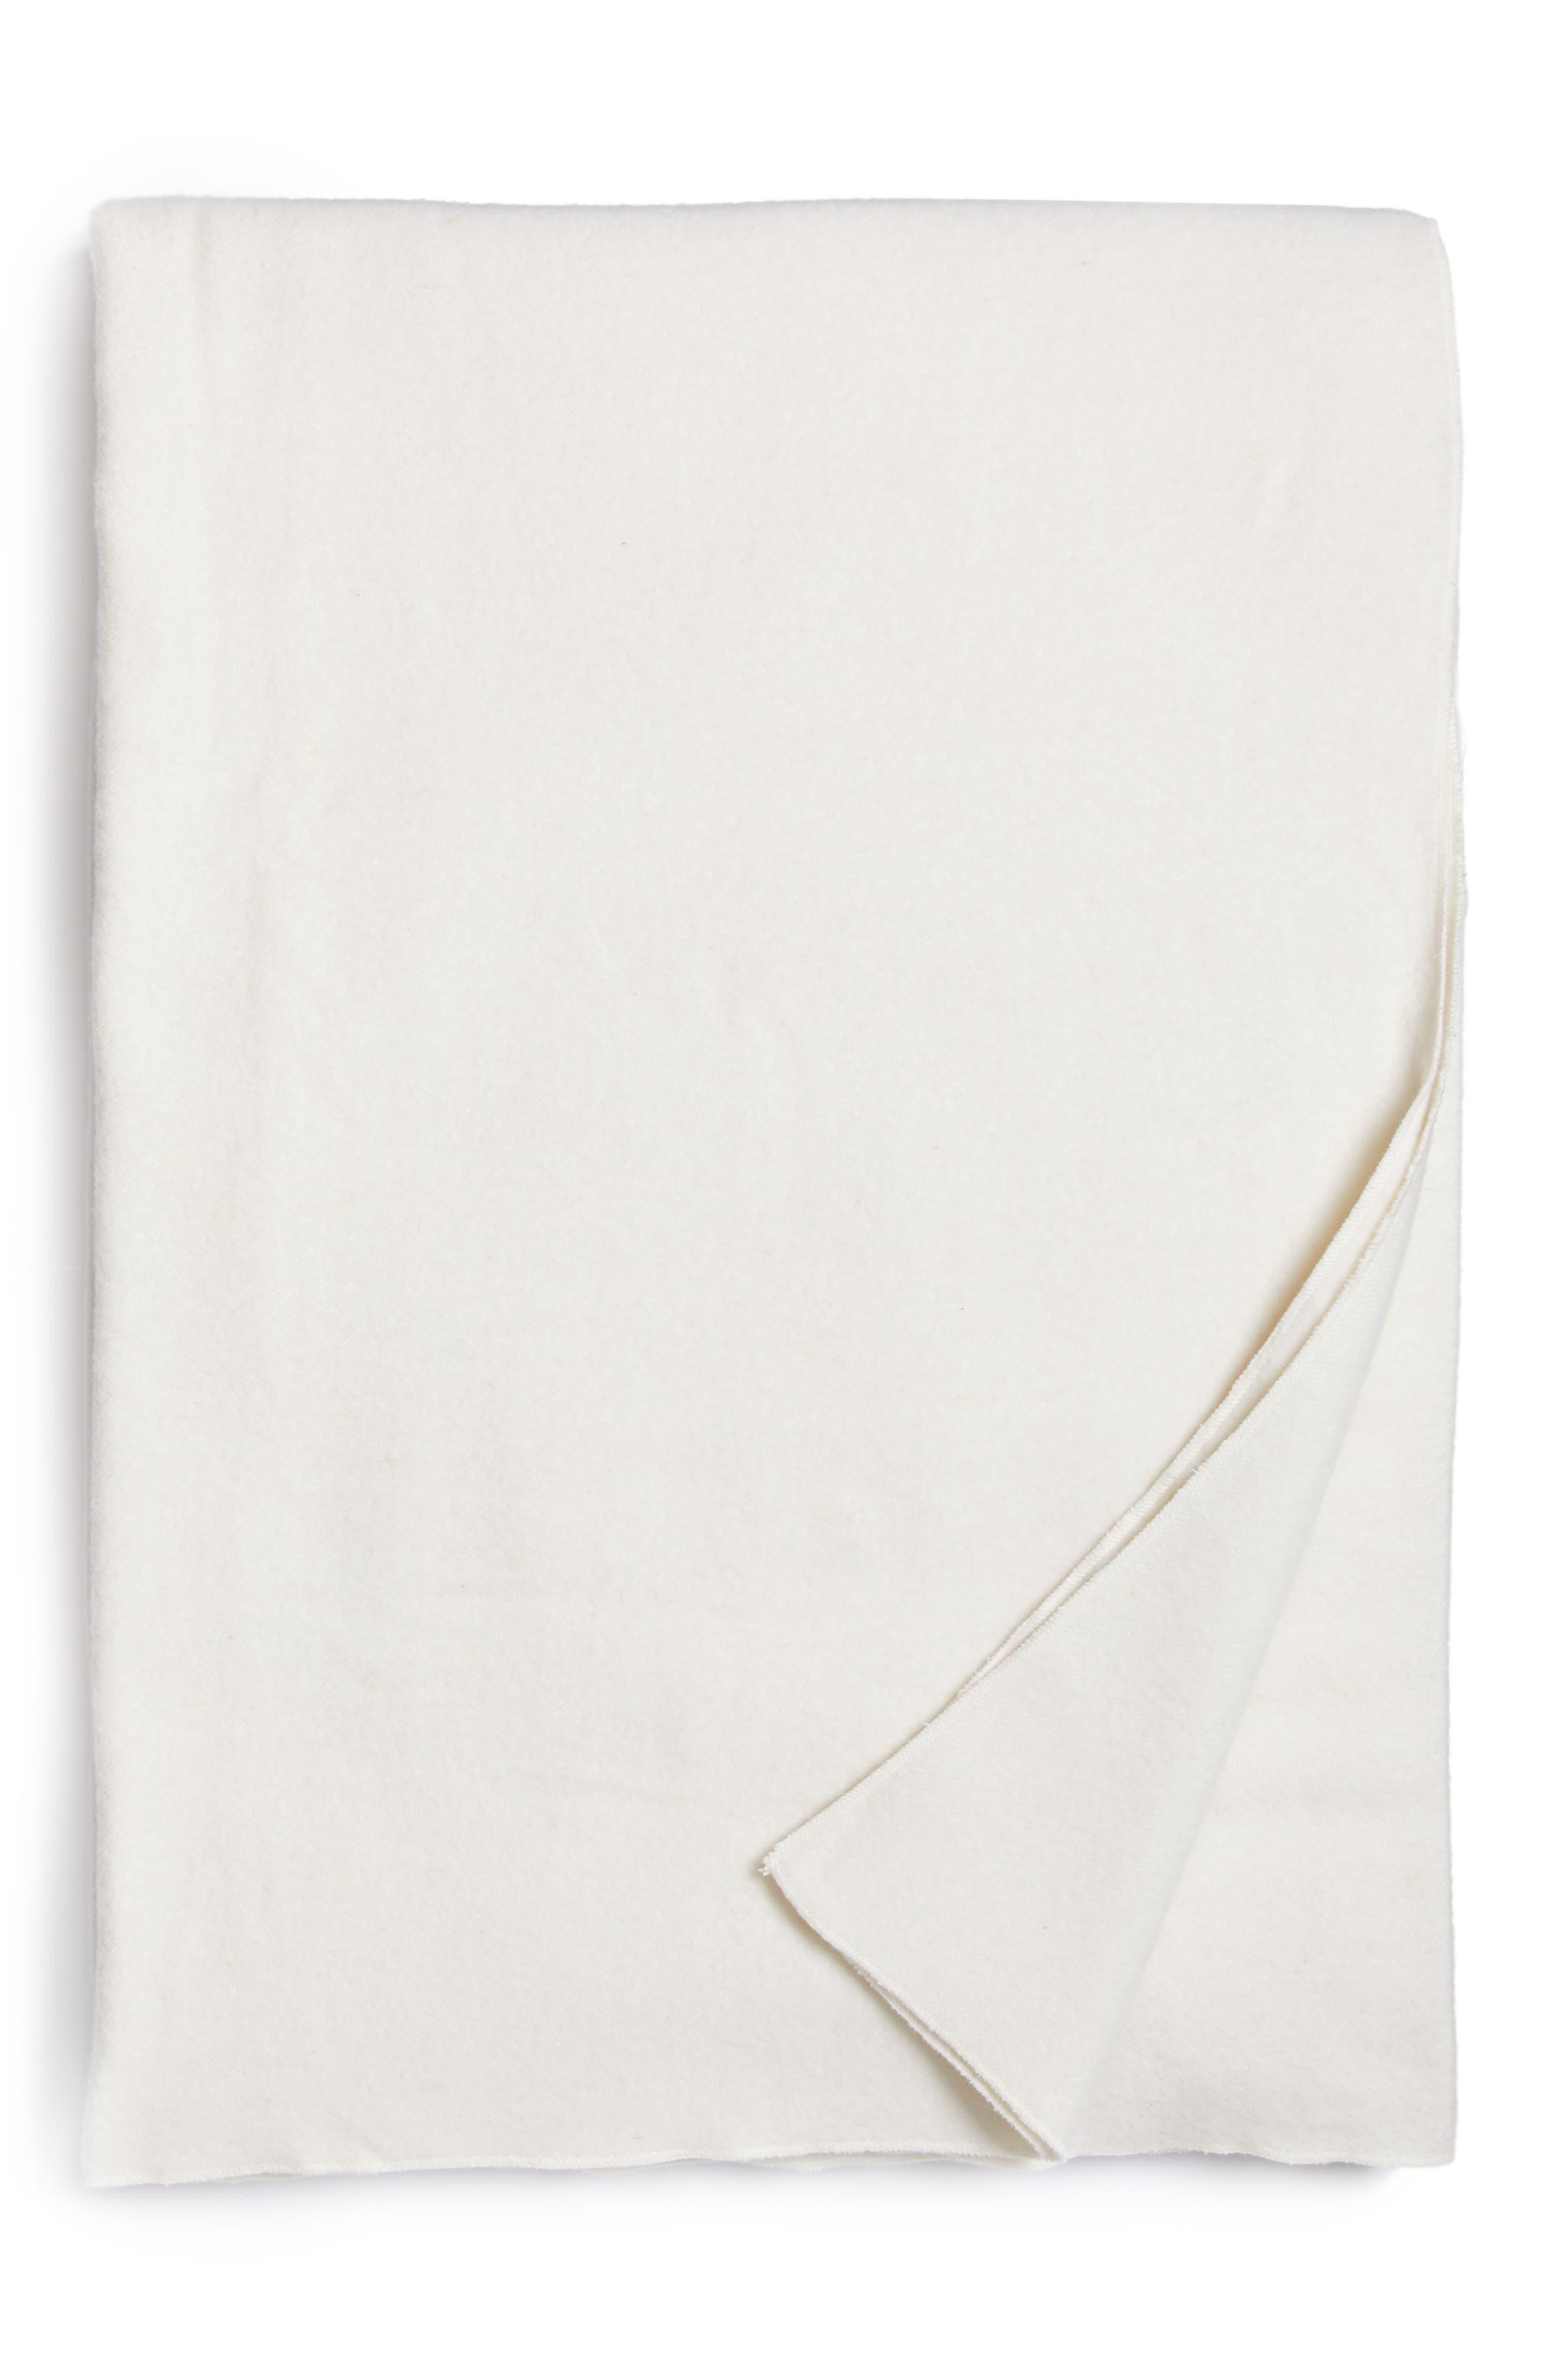 Alternate Image 1 Selected - Calvin Klein Home Series 1 Wool Blanket